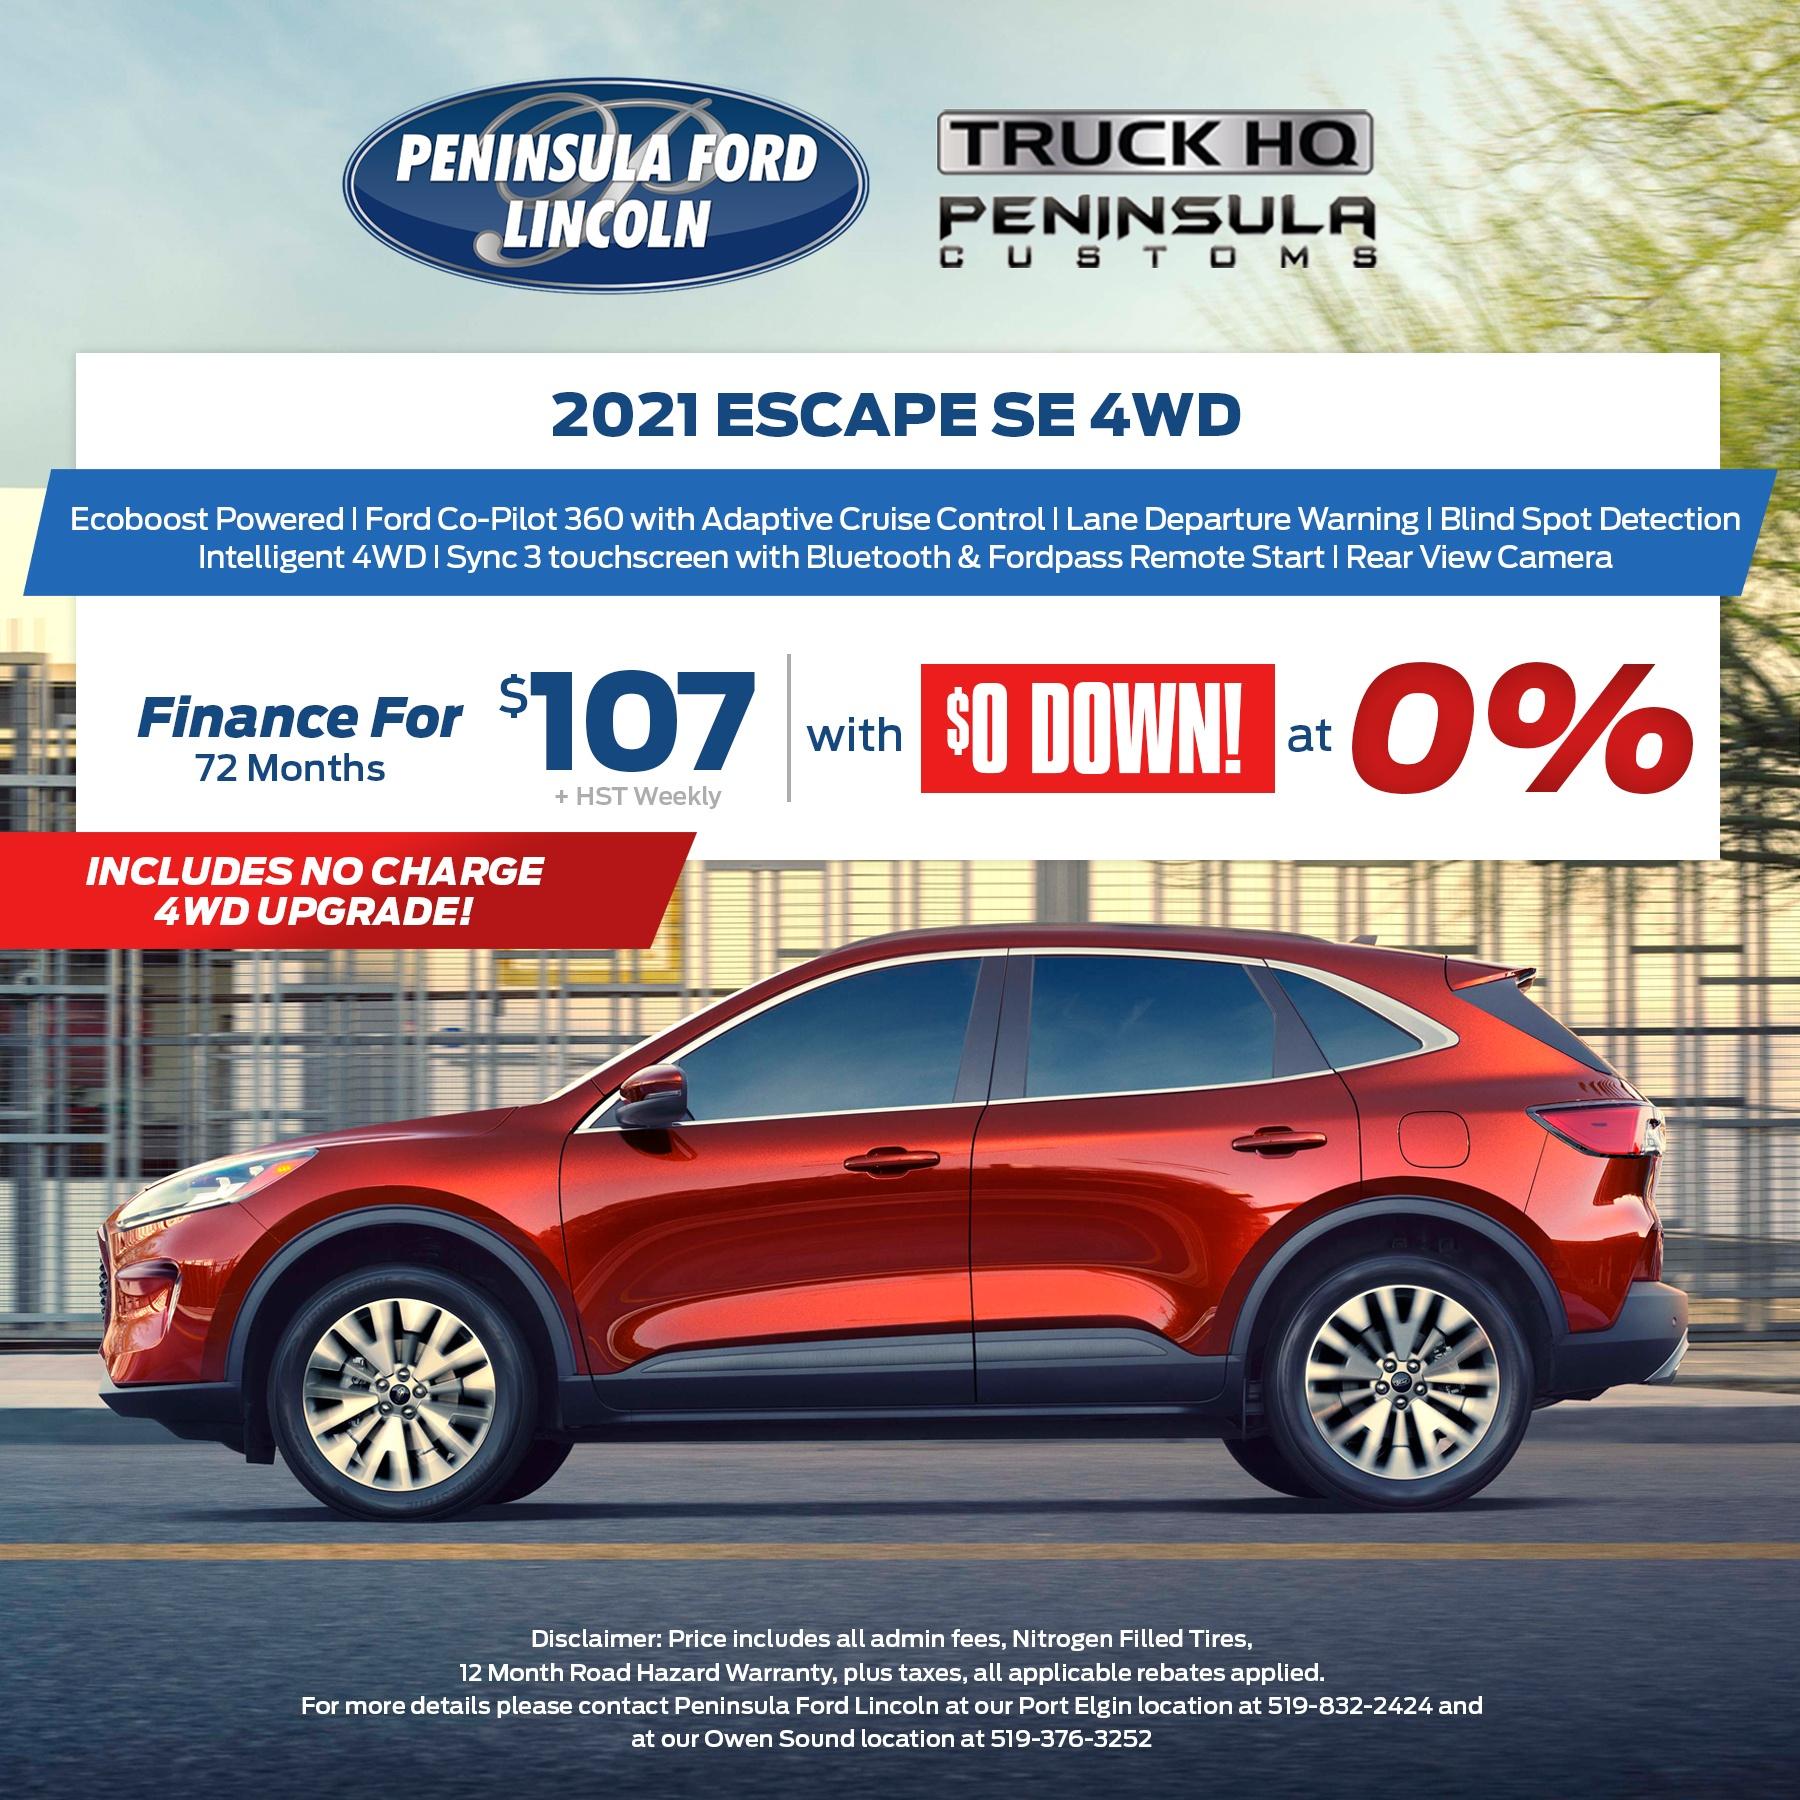 2021 Escape SE 4WD